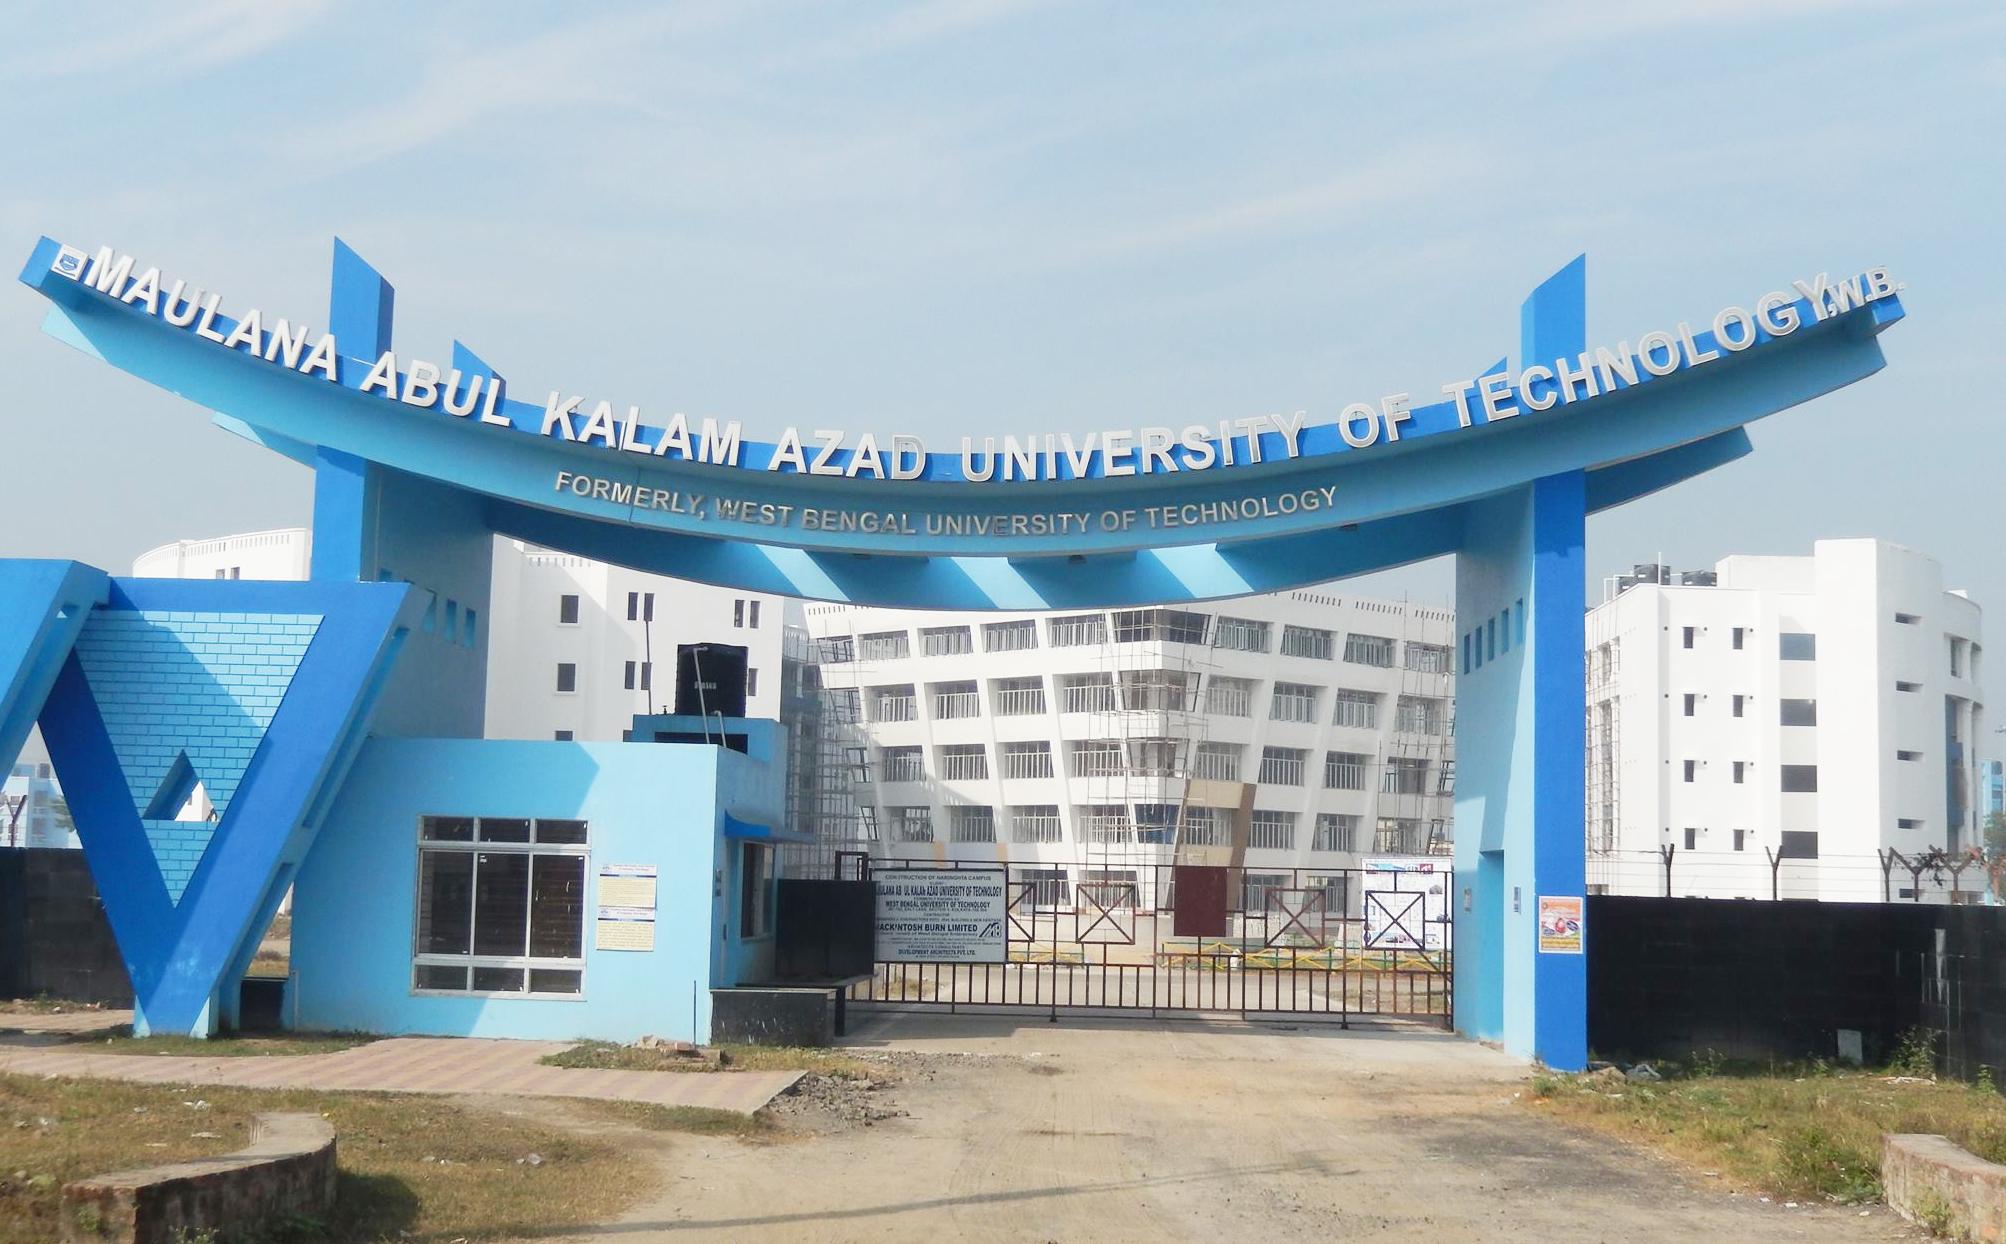 West Bengal Maulana Abul Kalam Azad University of Technology